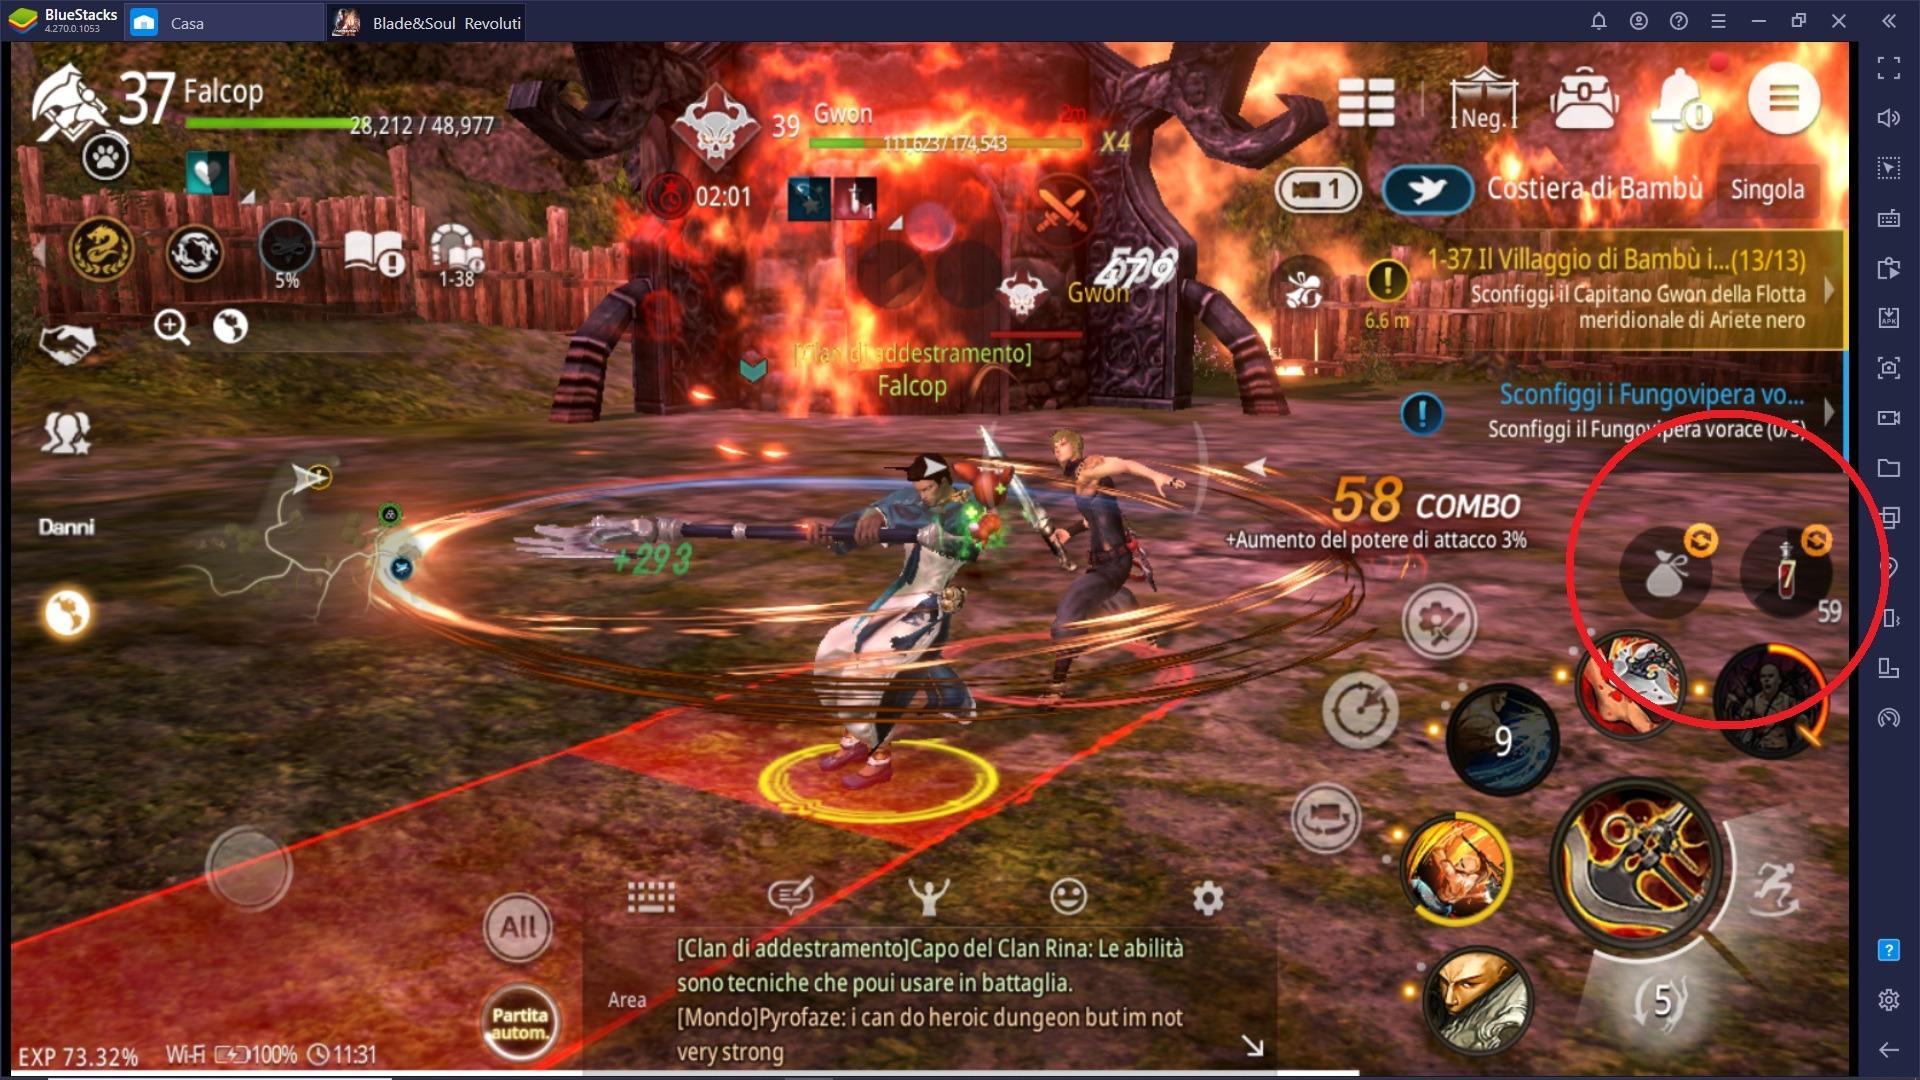 Blade and Soul: Revolution – Come progredire rapidamente in questo eccellente MMORPG